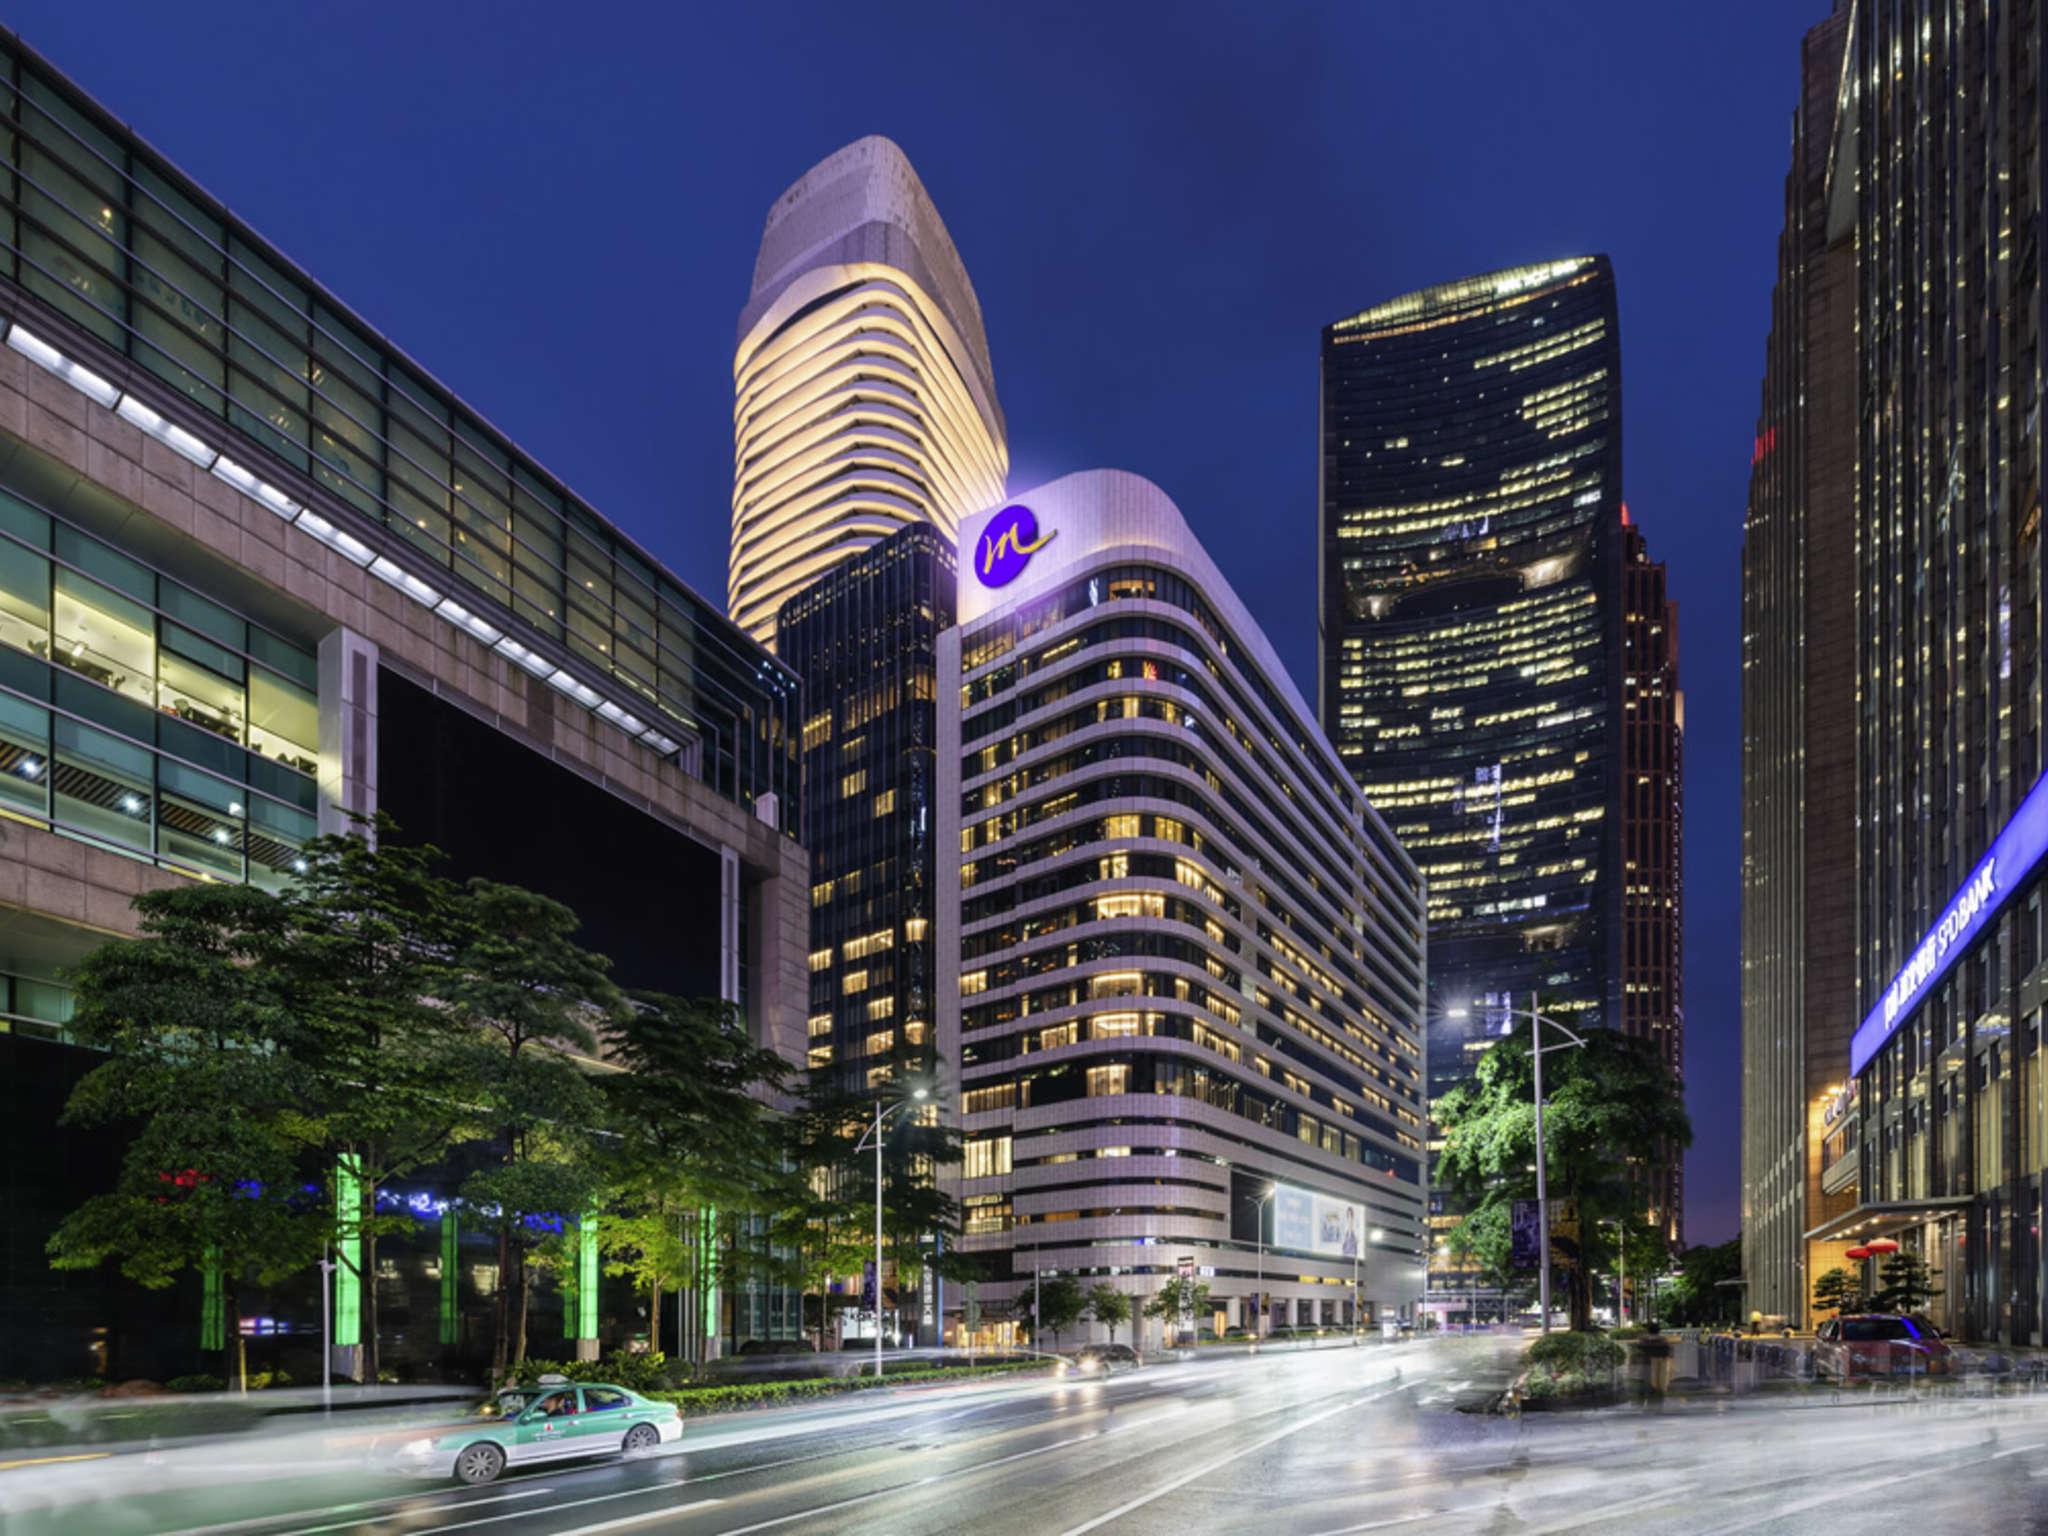 Hotel – Grand Mercure Guangzhou Zhujiang (otwarcie we wrześniu 2018 r.)